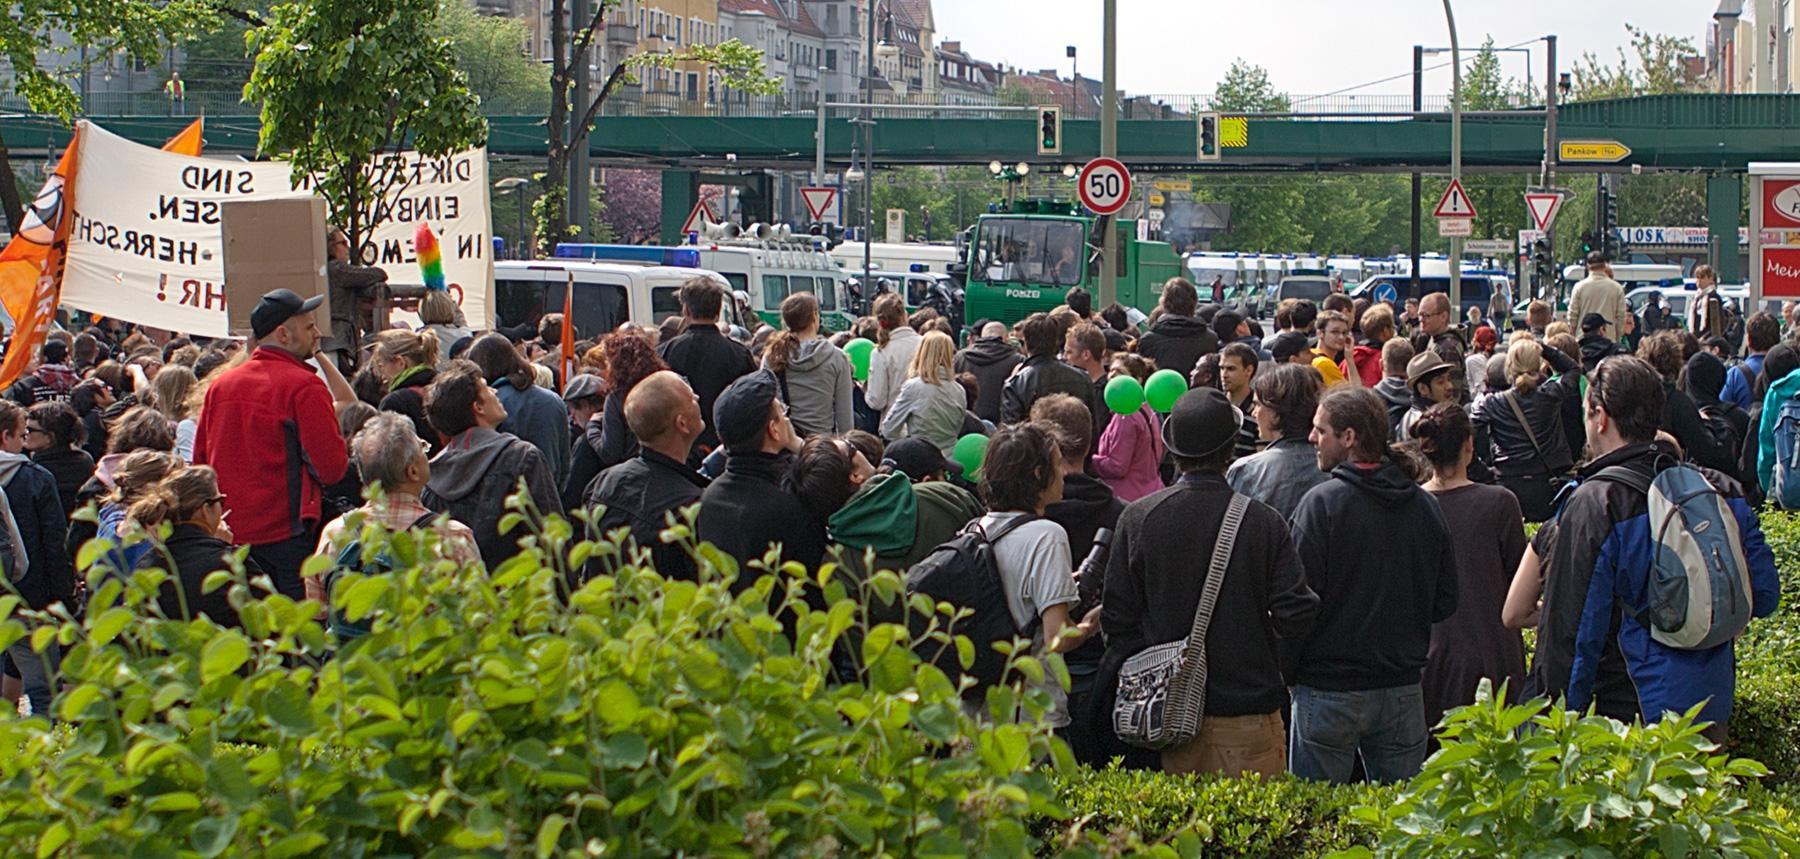 Leute bei einer Blockade vor Polizeifahrzeugen im Beitrag Berlin, 1. Mai